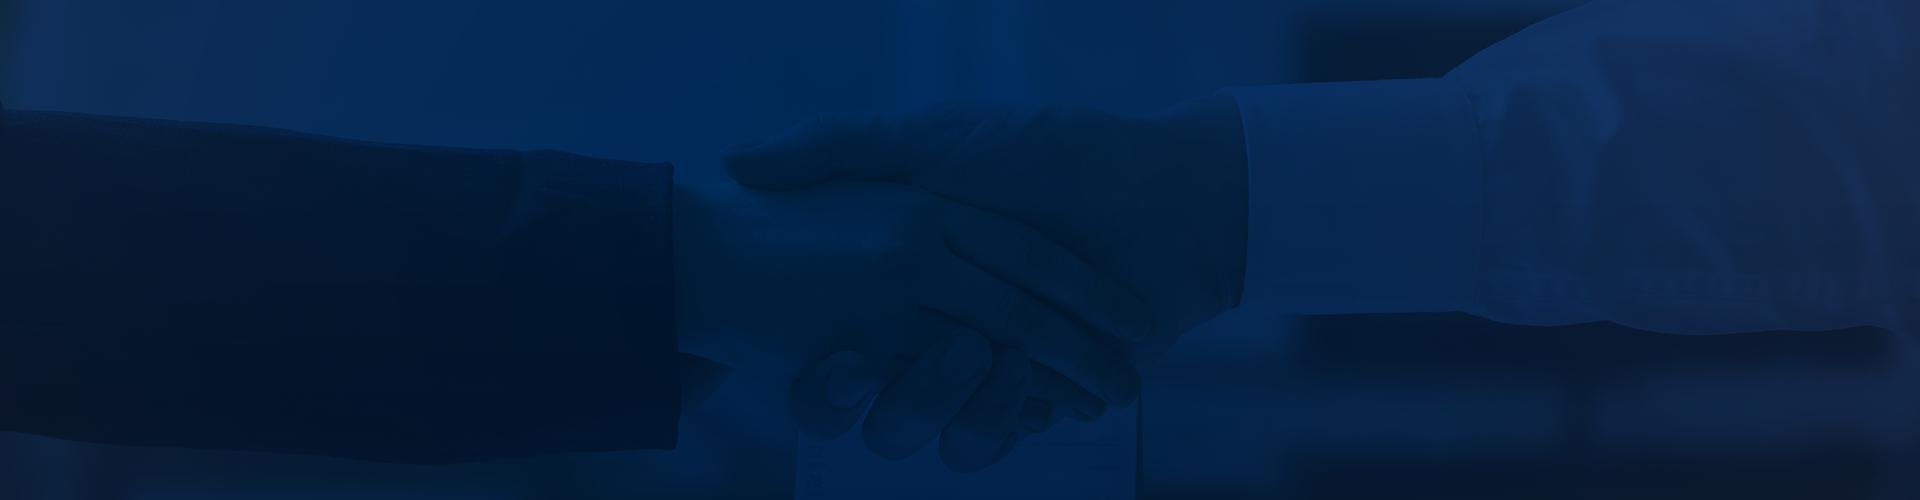 accueil-multilogis-web-background-2